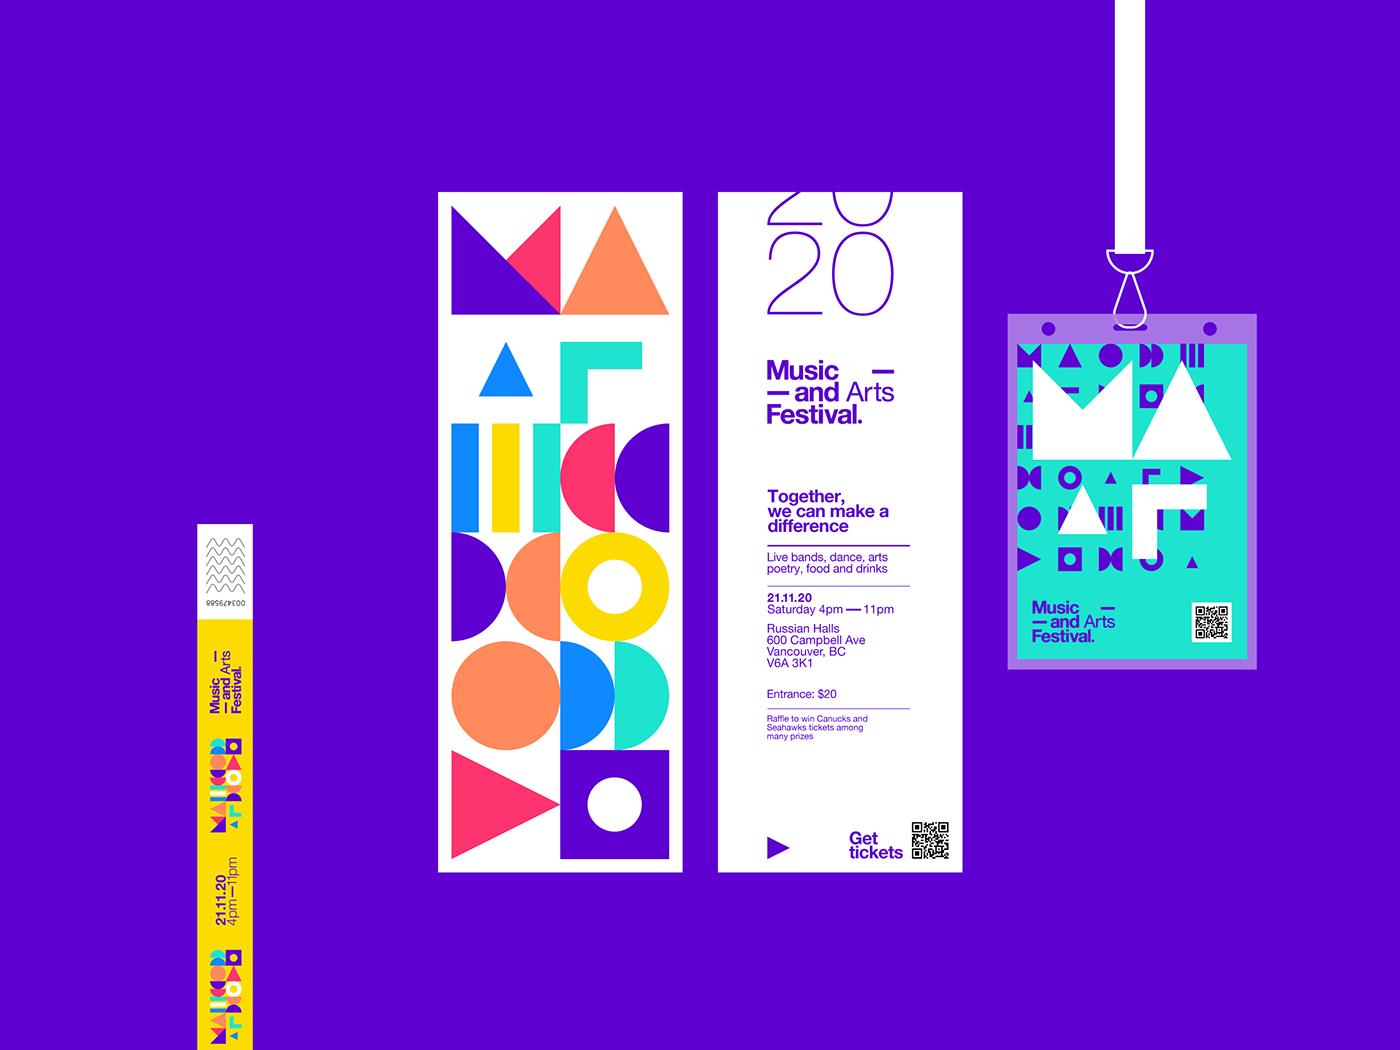 抽象的几何图案和时尚的色彩:音乐艺术节品牌视觉设计